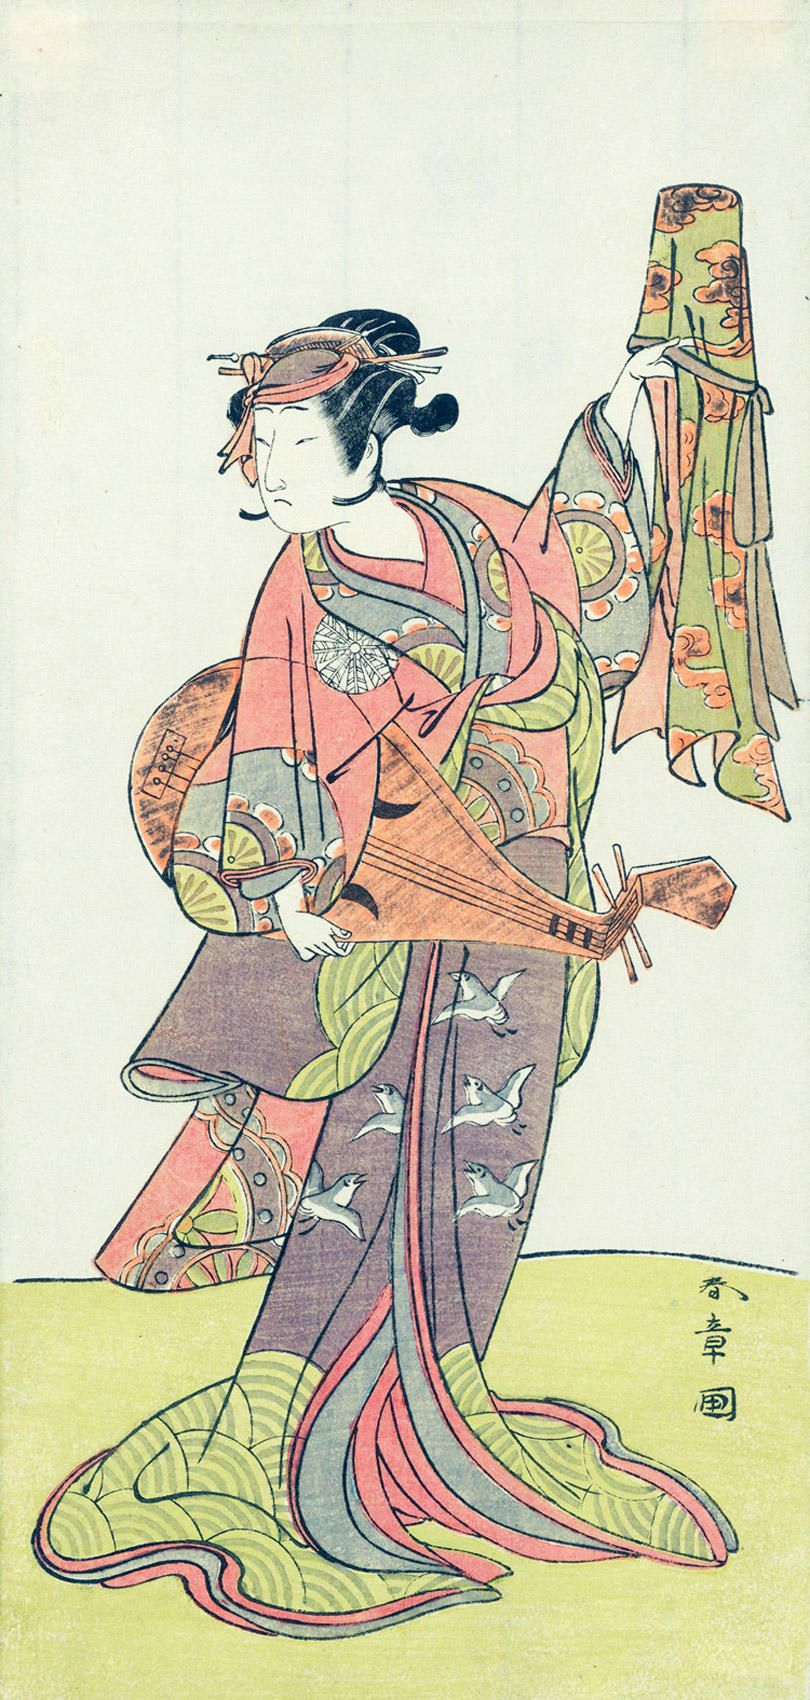 KATSUKAWA SHUNSHÔ The Actor Nakamura Noshio I in a female role holding a biwa